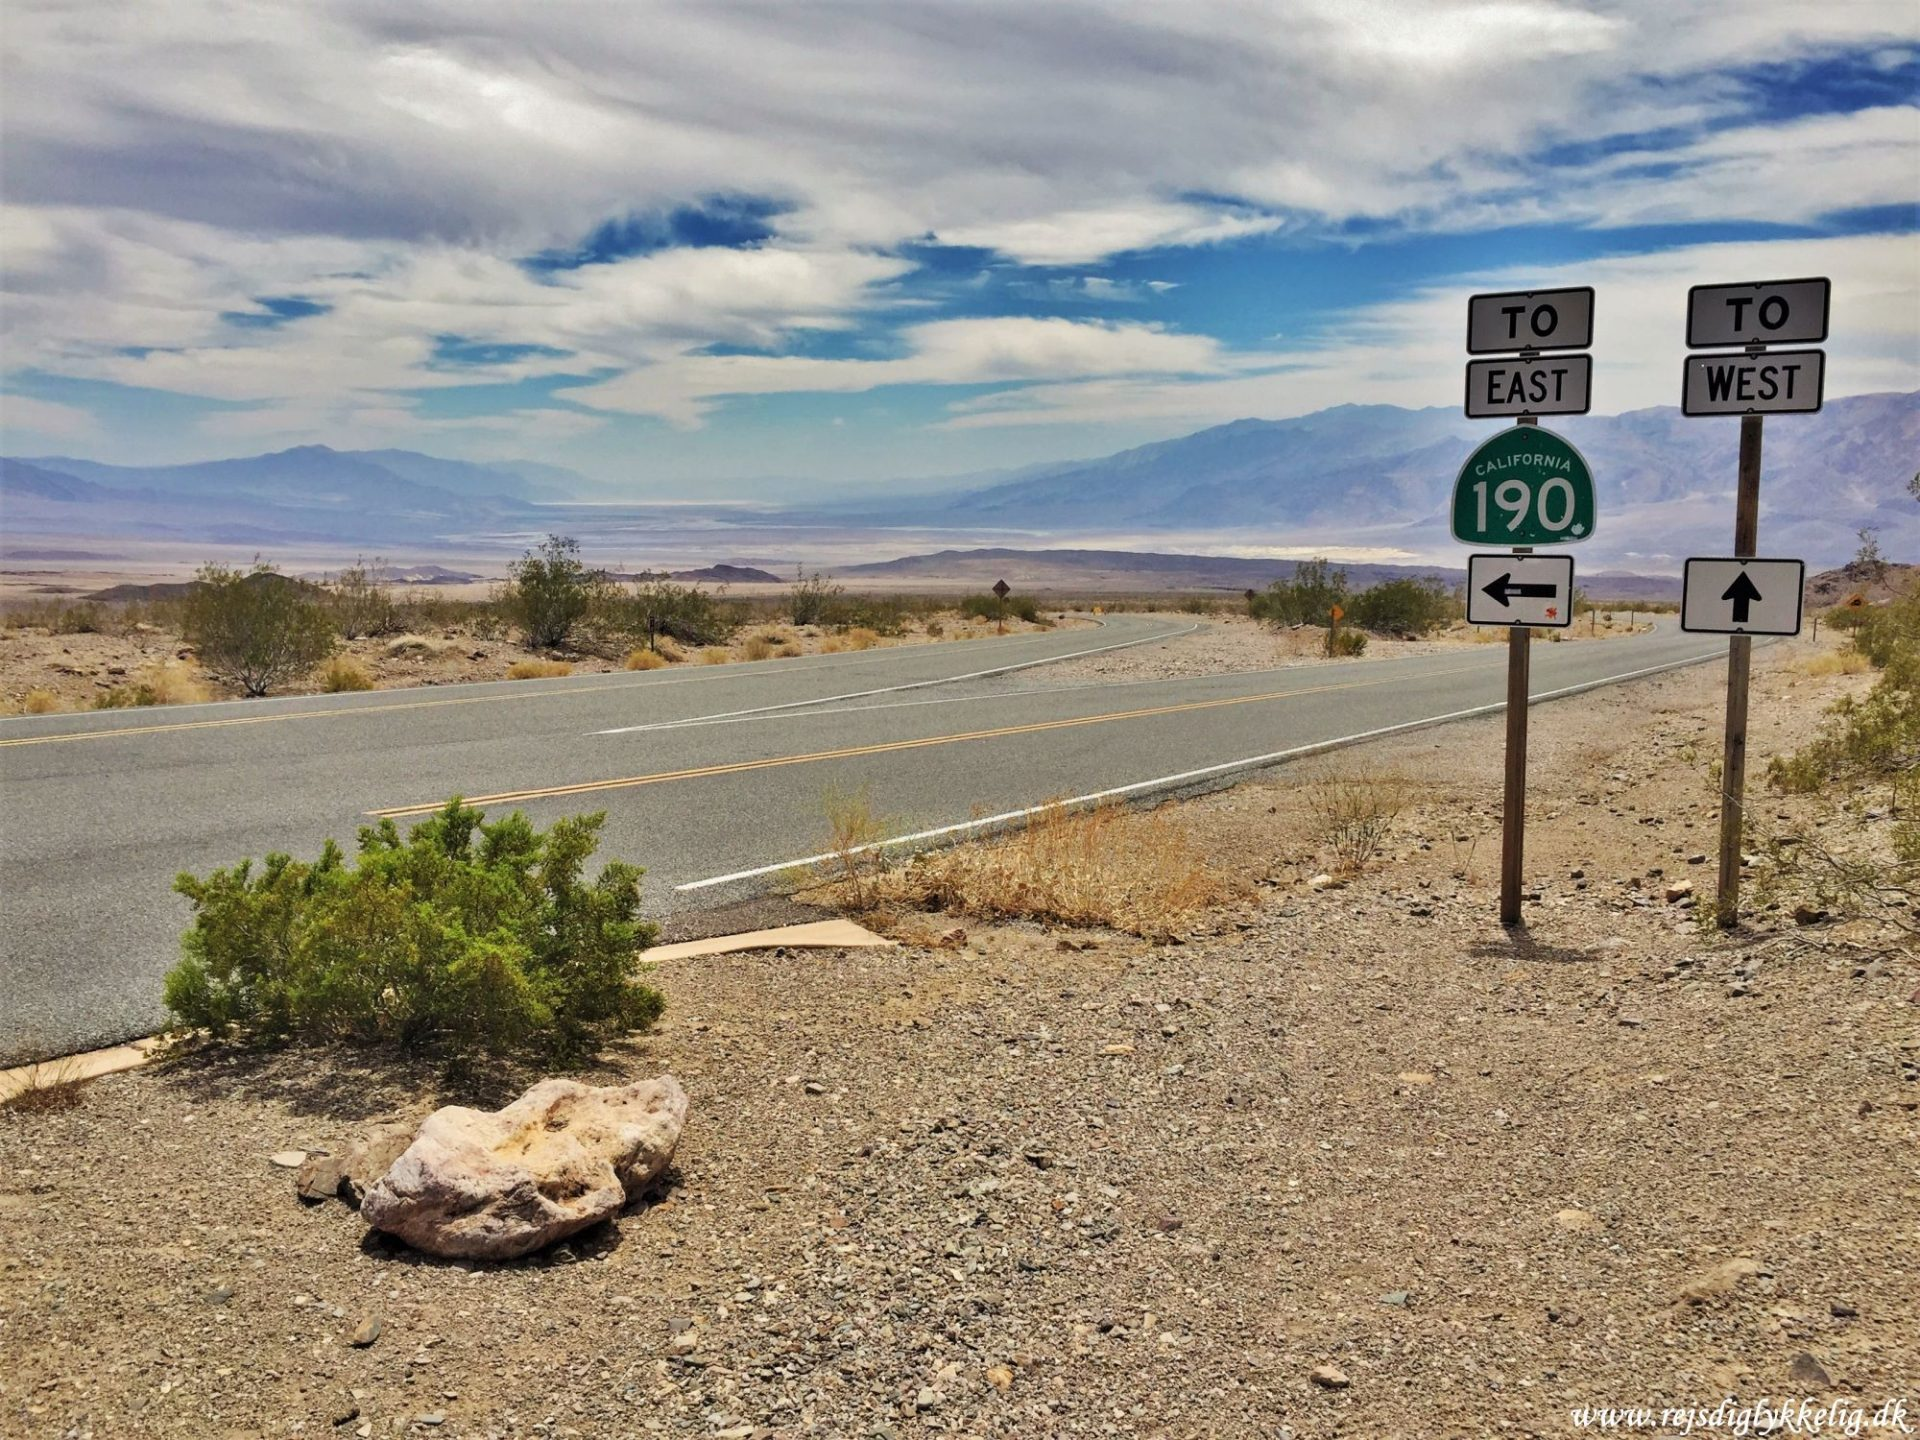 36 oplevelser i Californien - Death Valley - Rejsdiglykkelig.dk